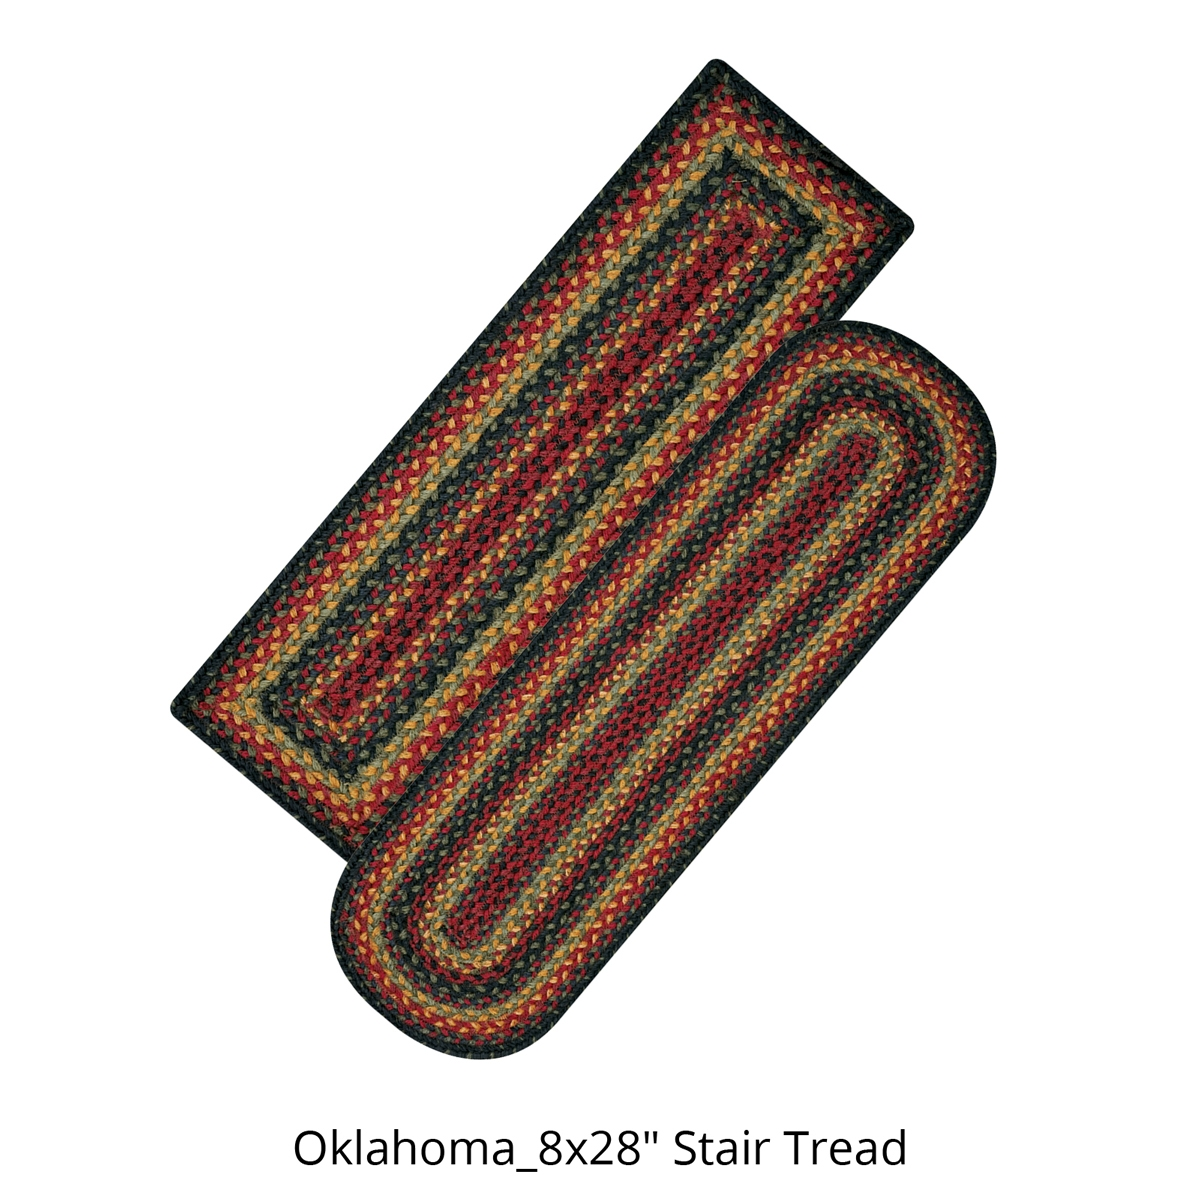 Oklahoma Jute Braided Rugs